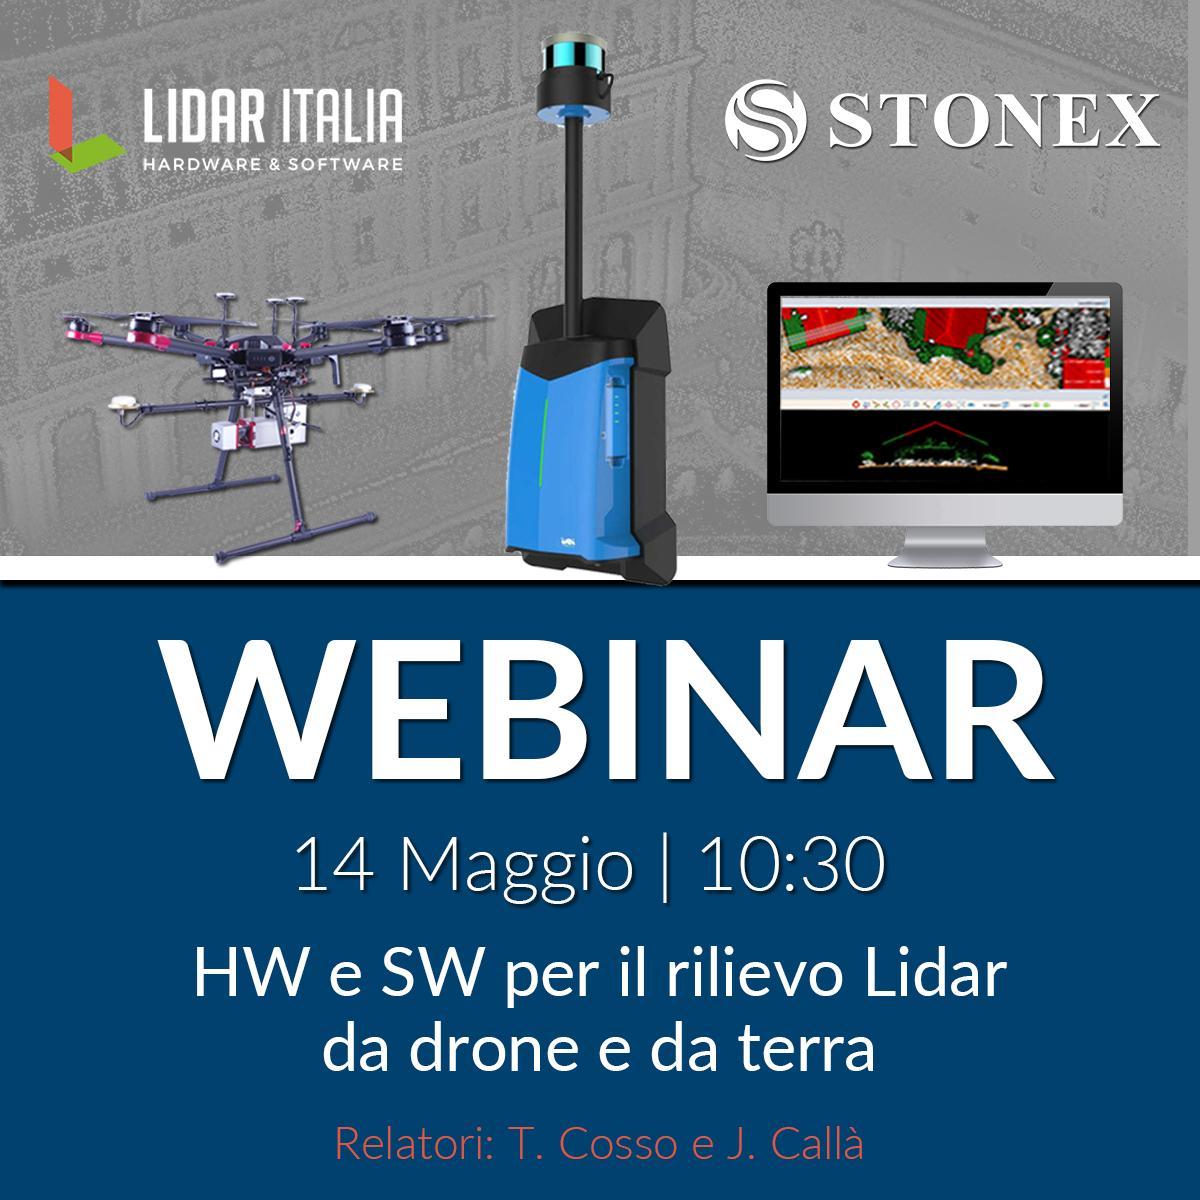 WEBINAR: HW e SW per il rilievo Lidar da drone e da terra